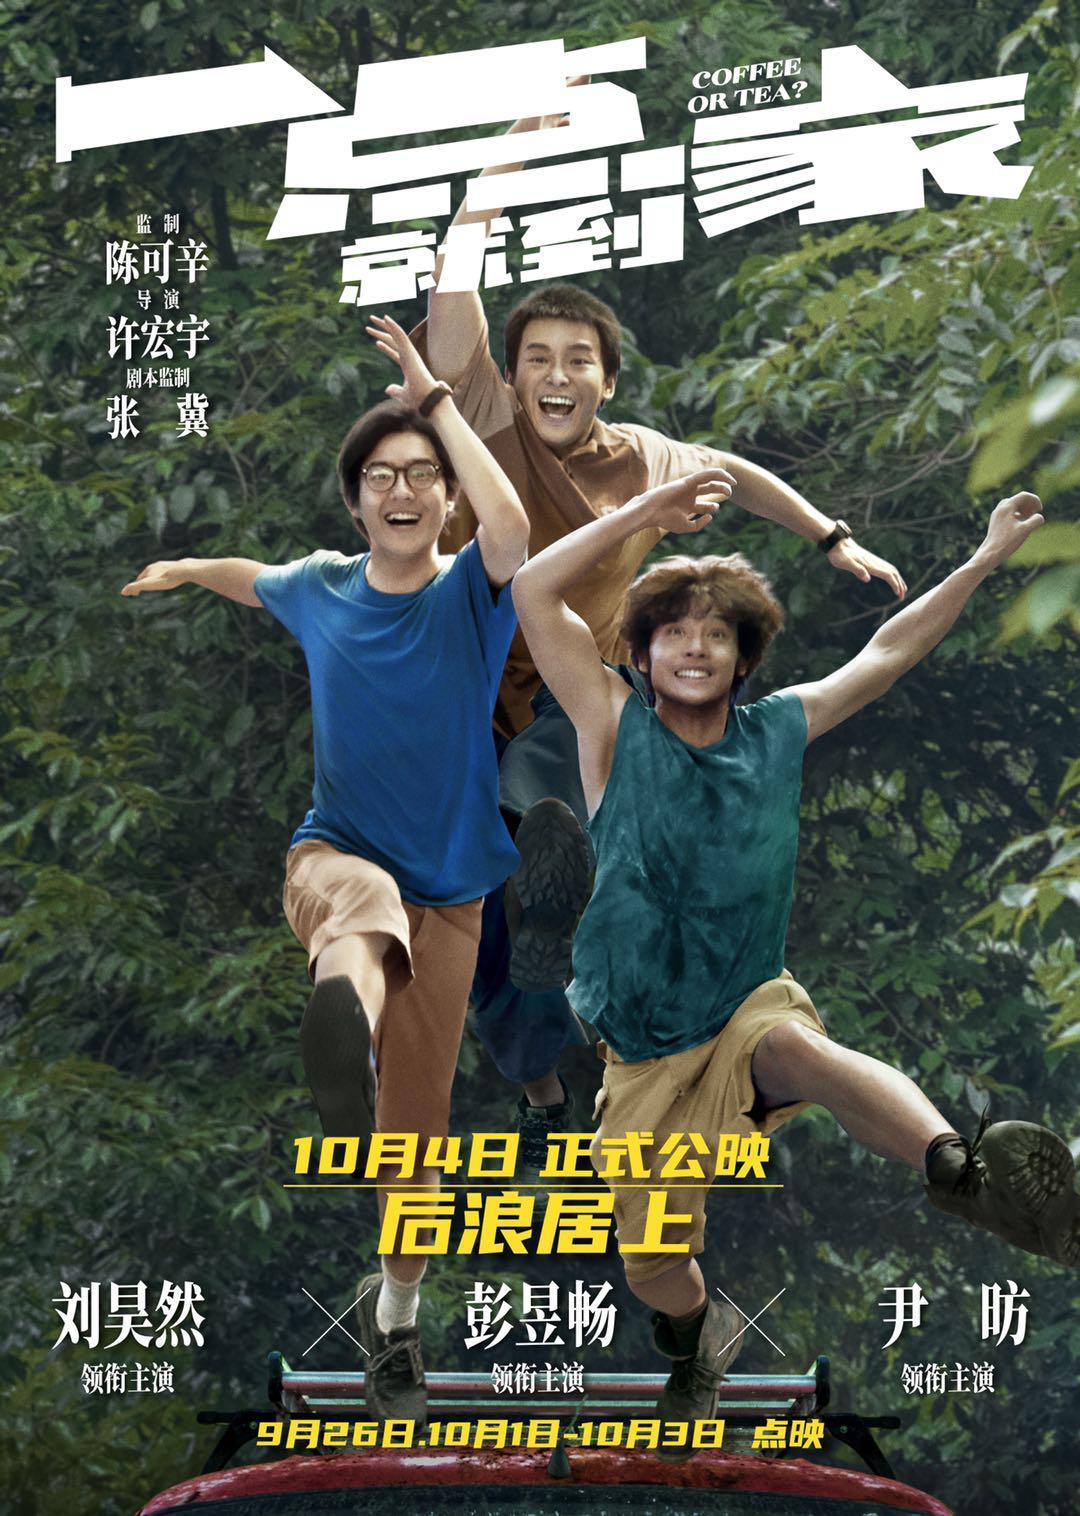 翻滚吧刘昊然彭昱畅 《一点就到家》改档10.4公映